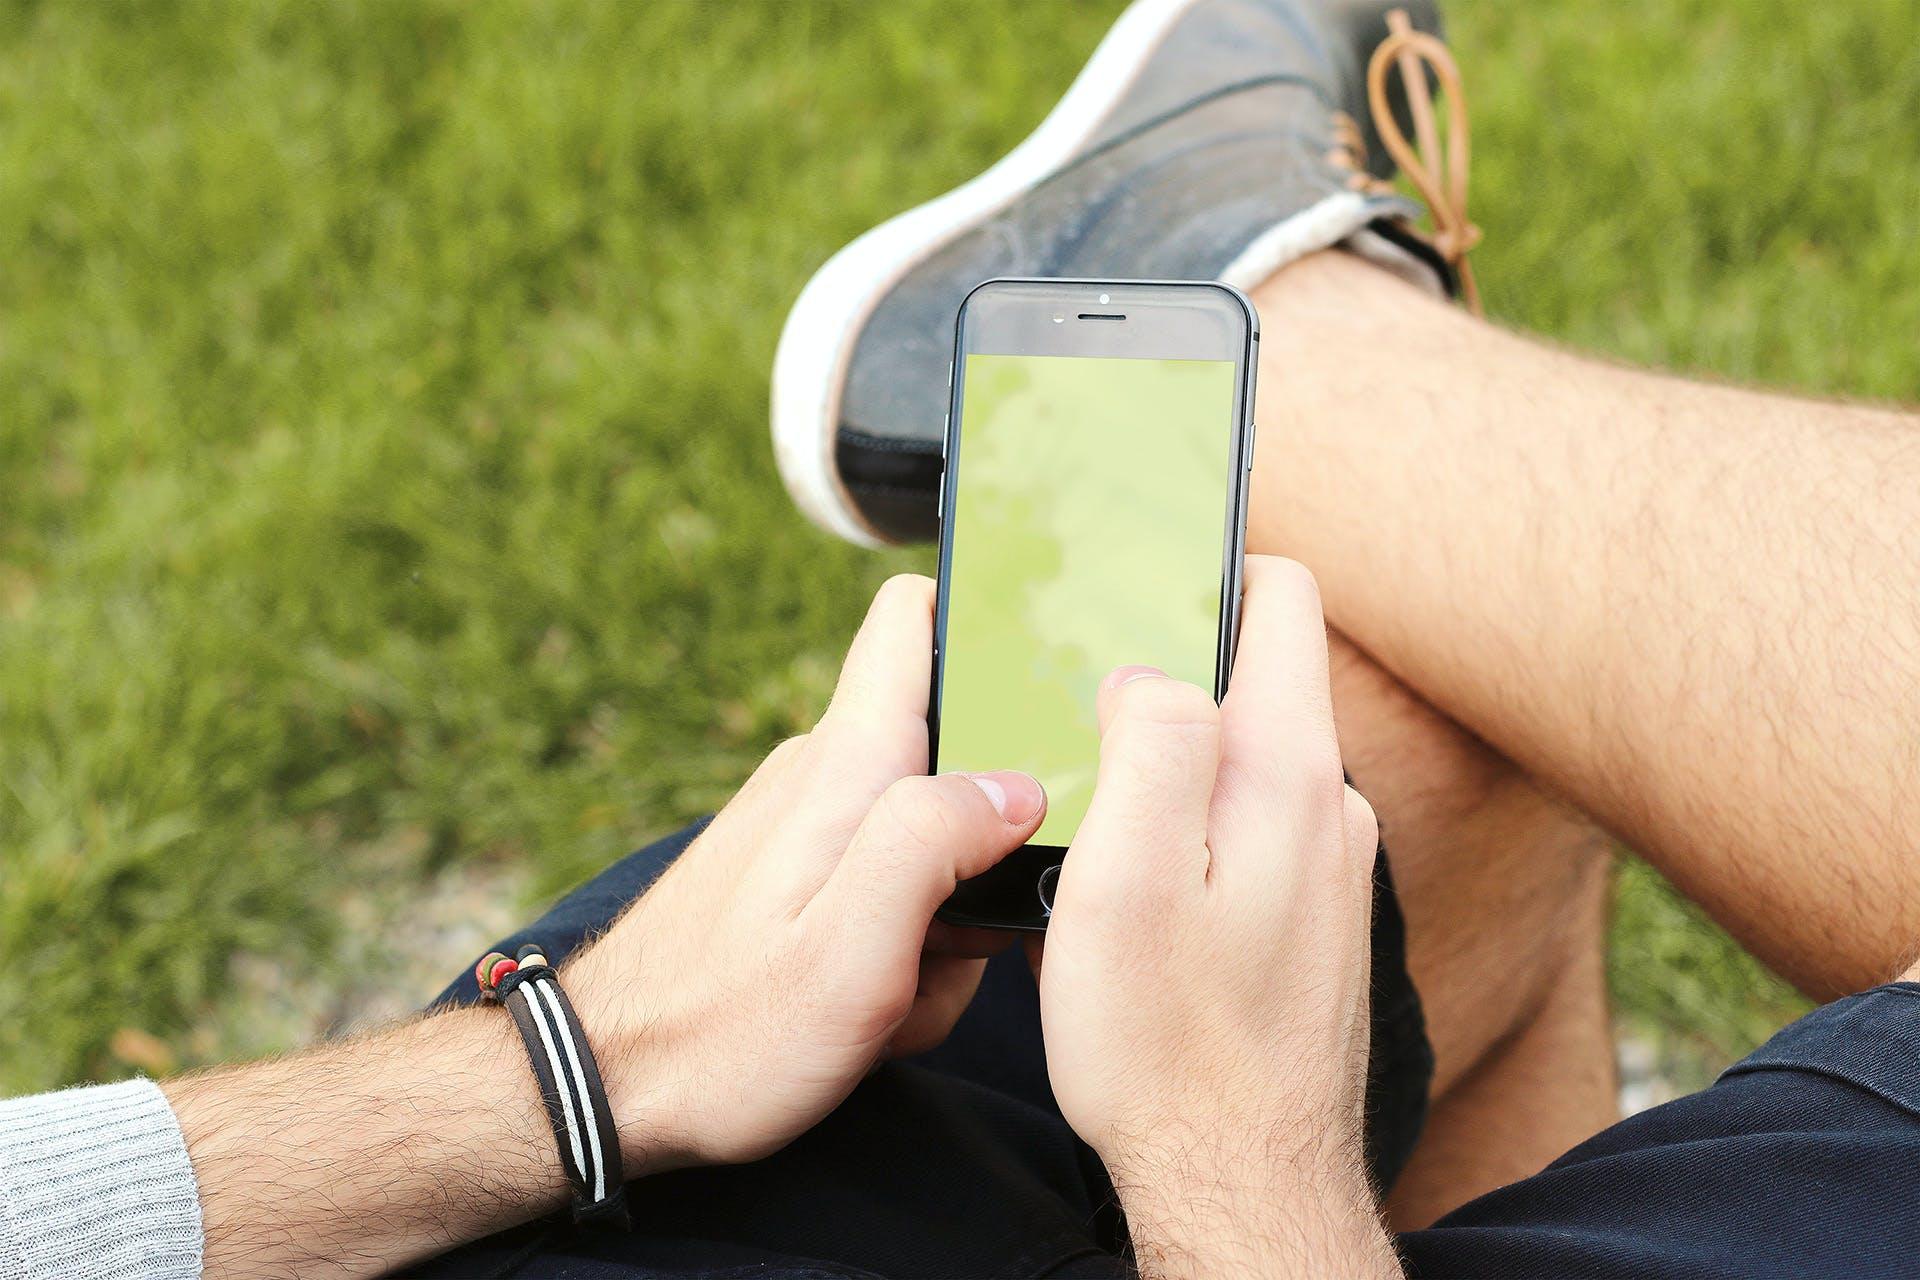 apple, hands, iphone